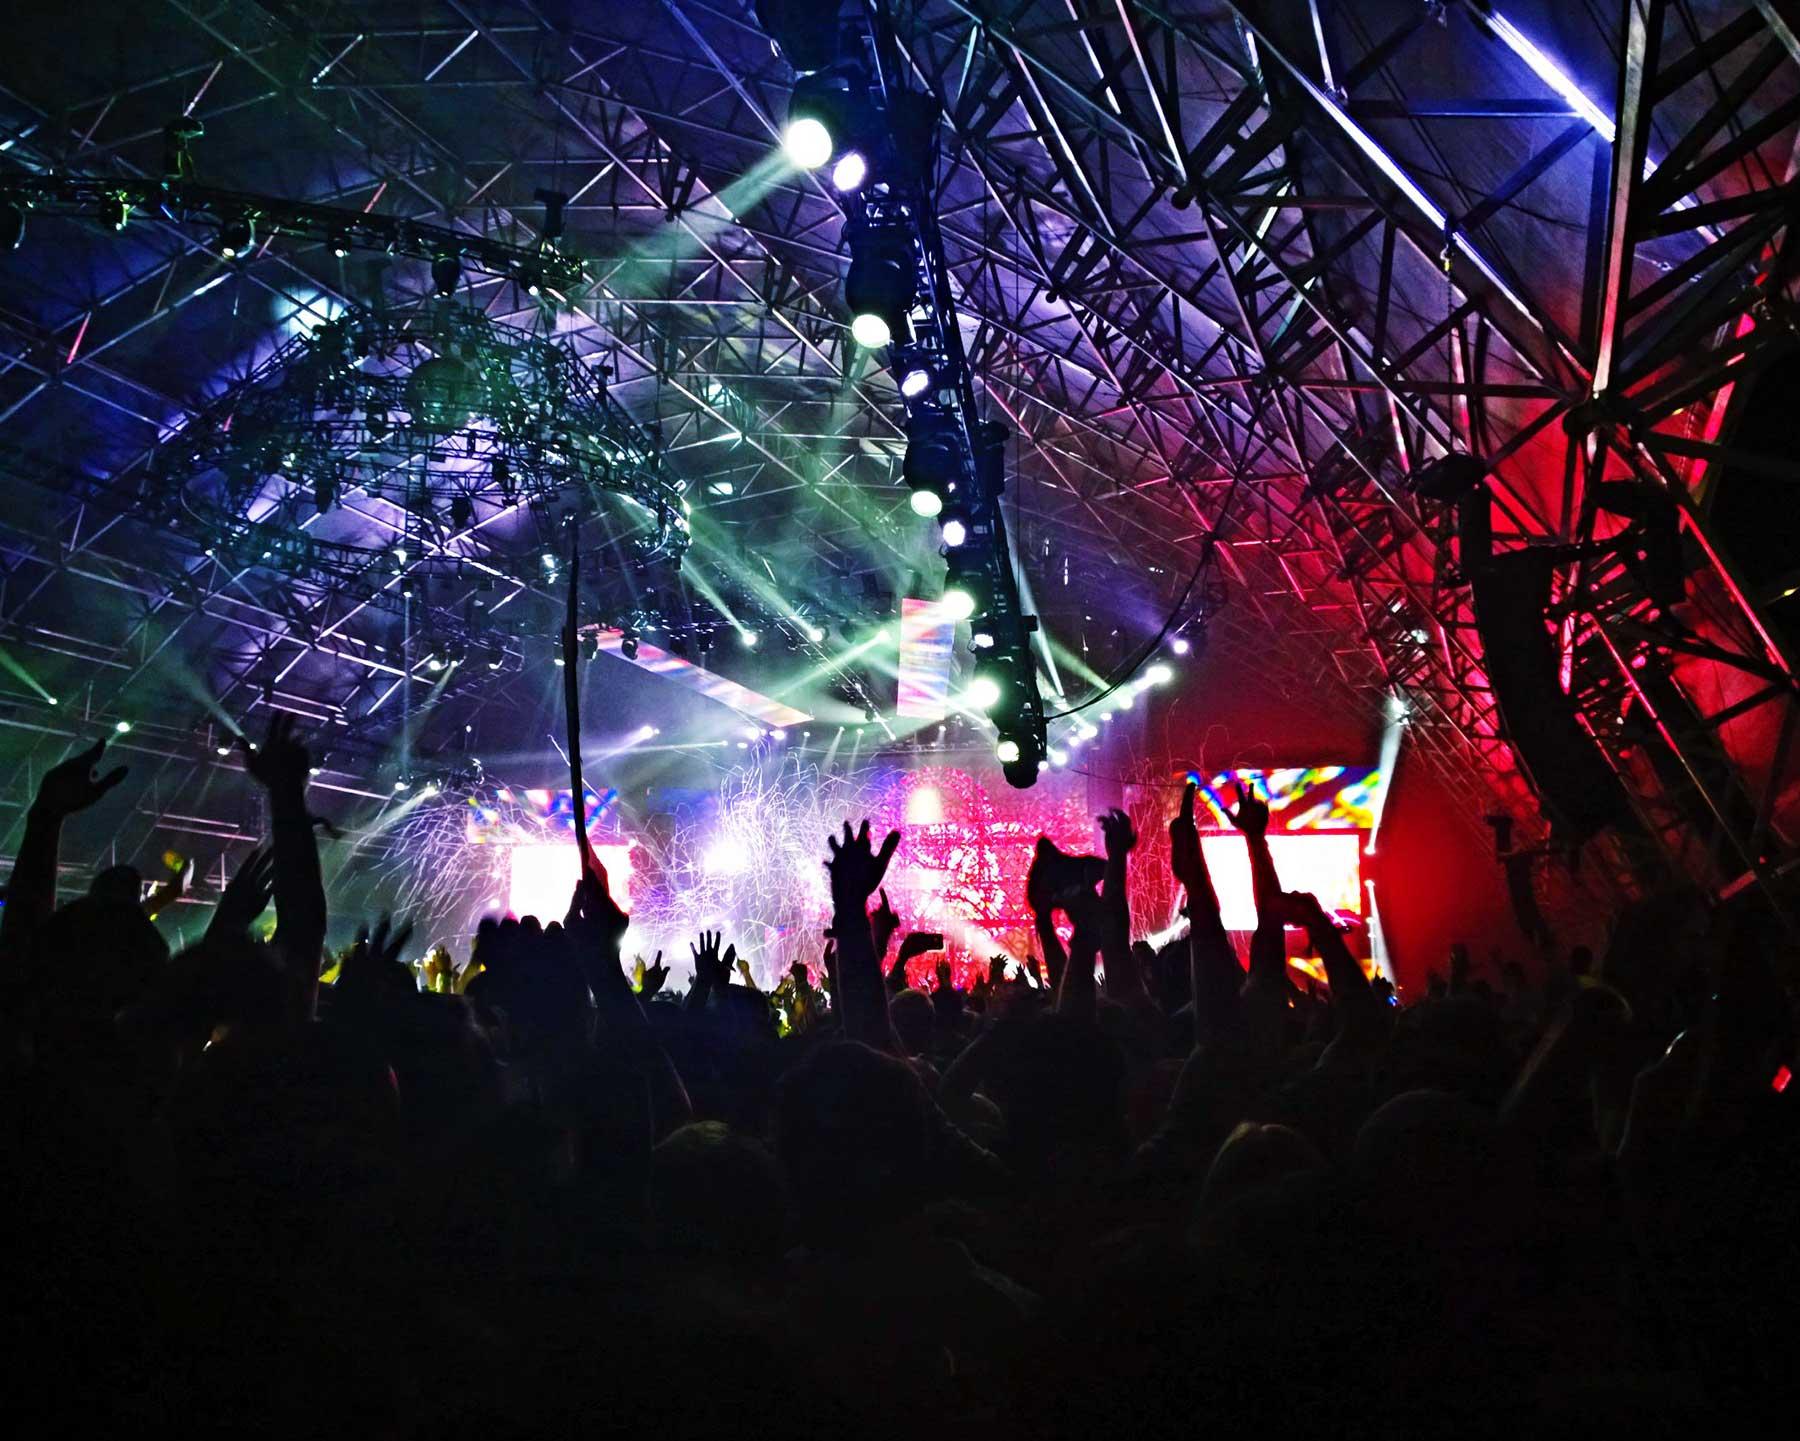 Iluminación para eventos y escenarios